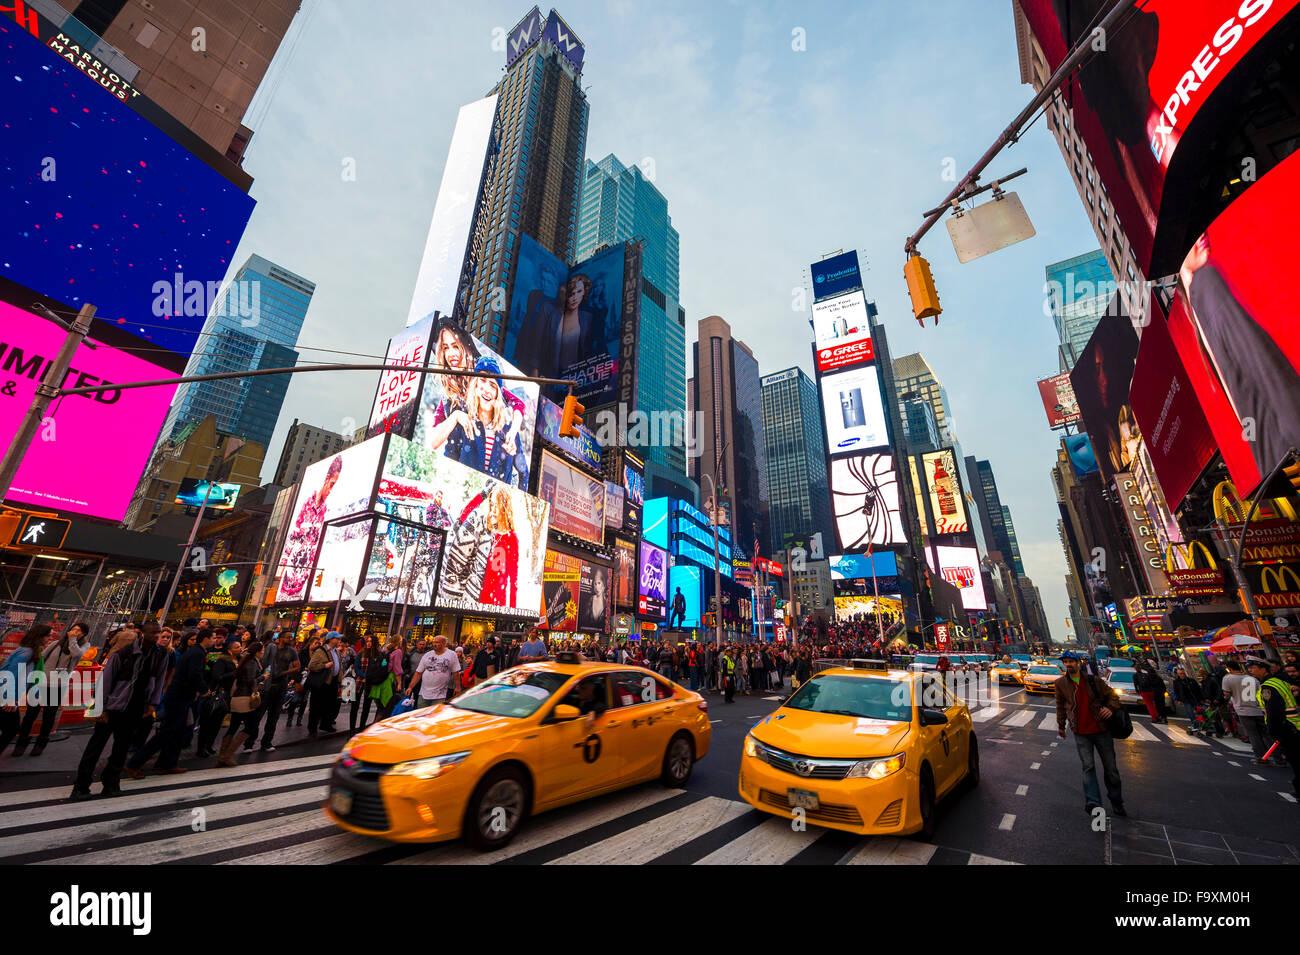 NEW YORK CITY, USA - 13. Dezember 2015: Helle Beschilderung Blitze über Urlaub Gedränge und Verkehr am Stockbild